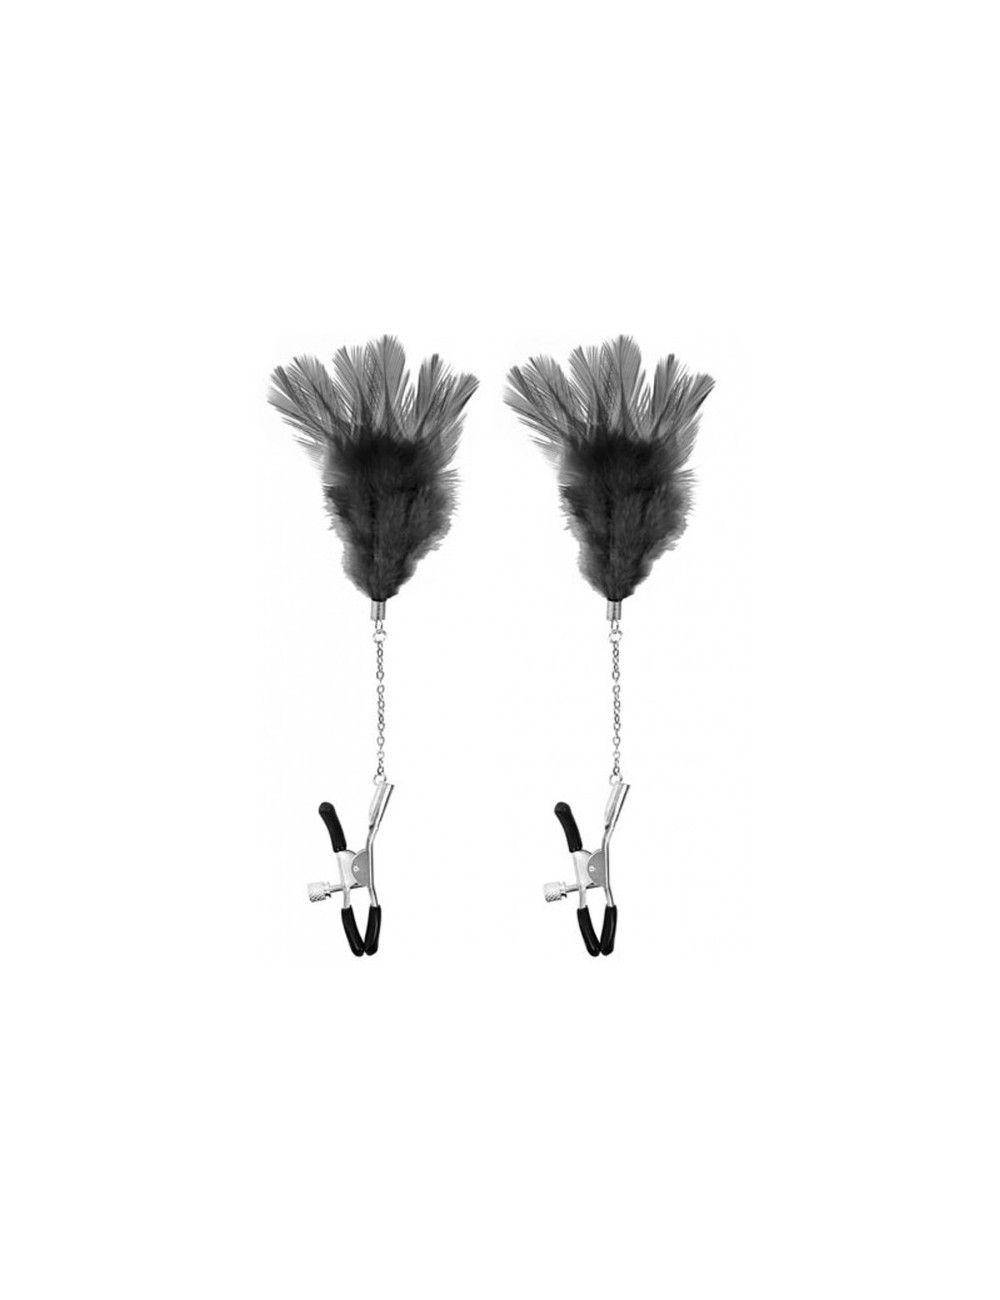 Pinces à tétons et plumeau noir SWEET CARESS